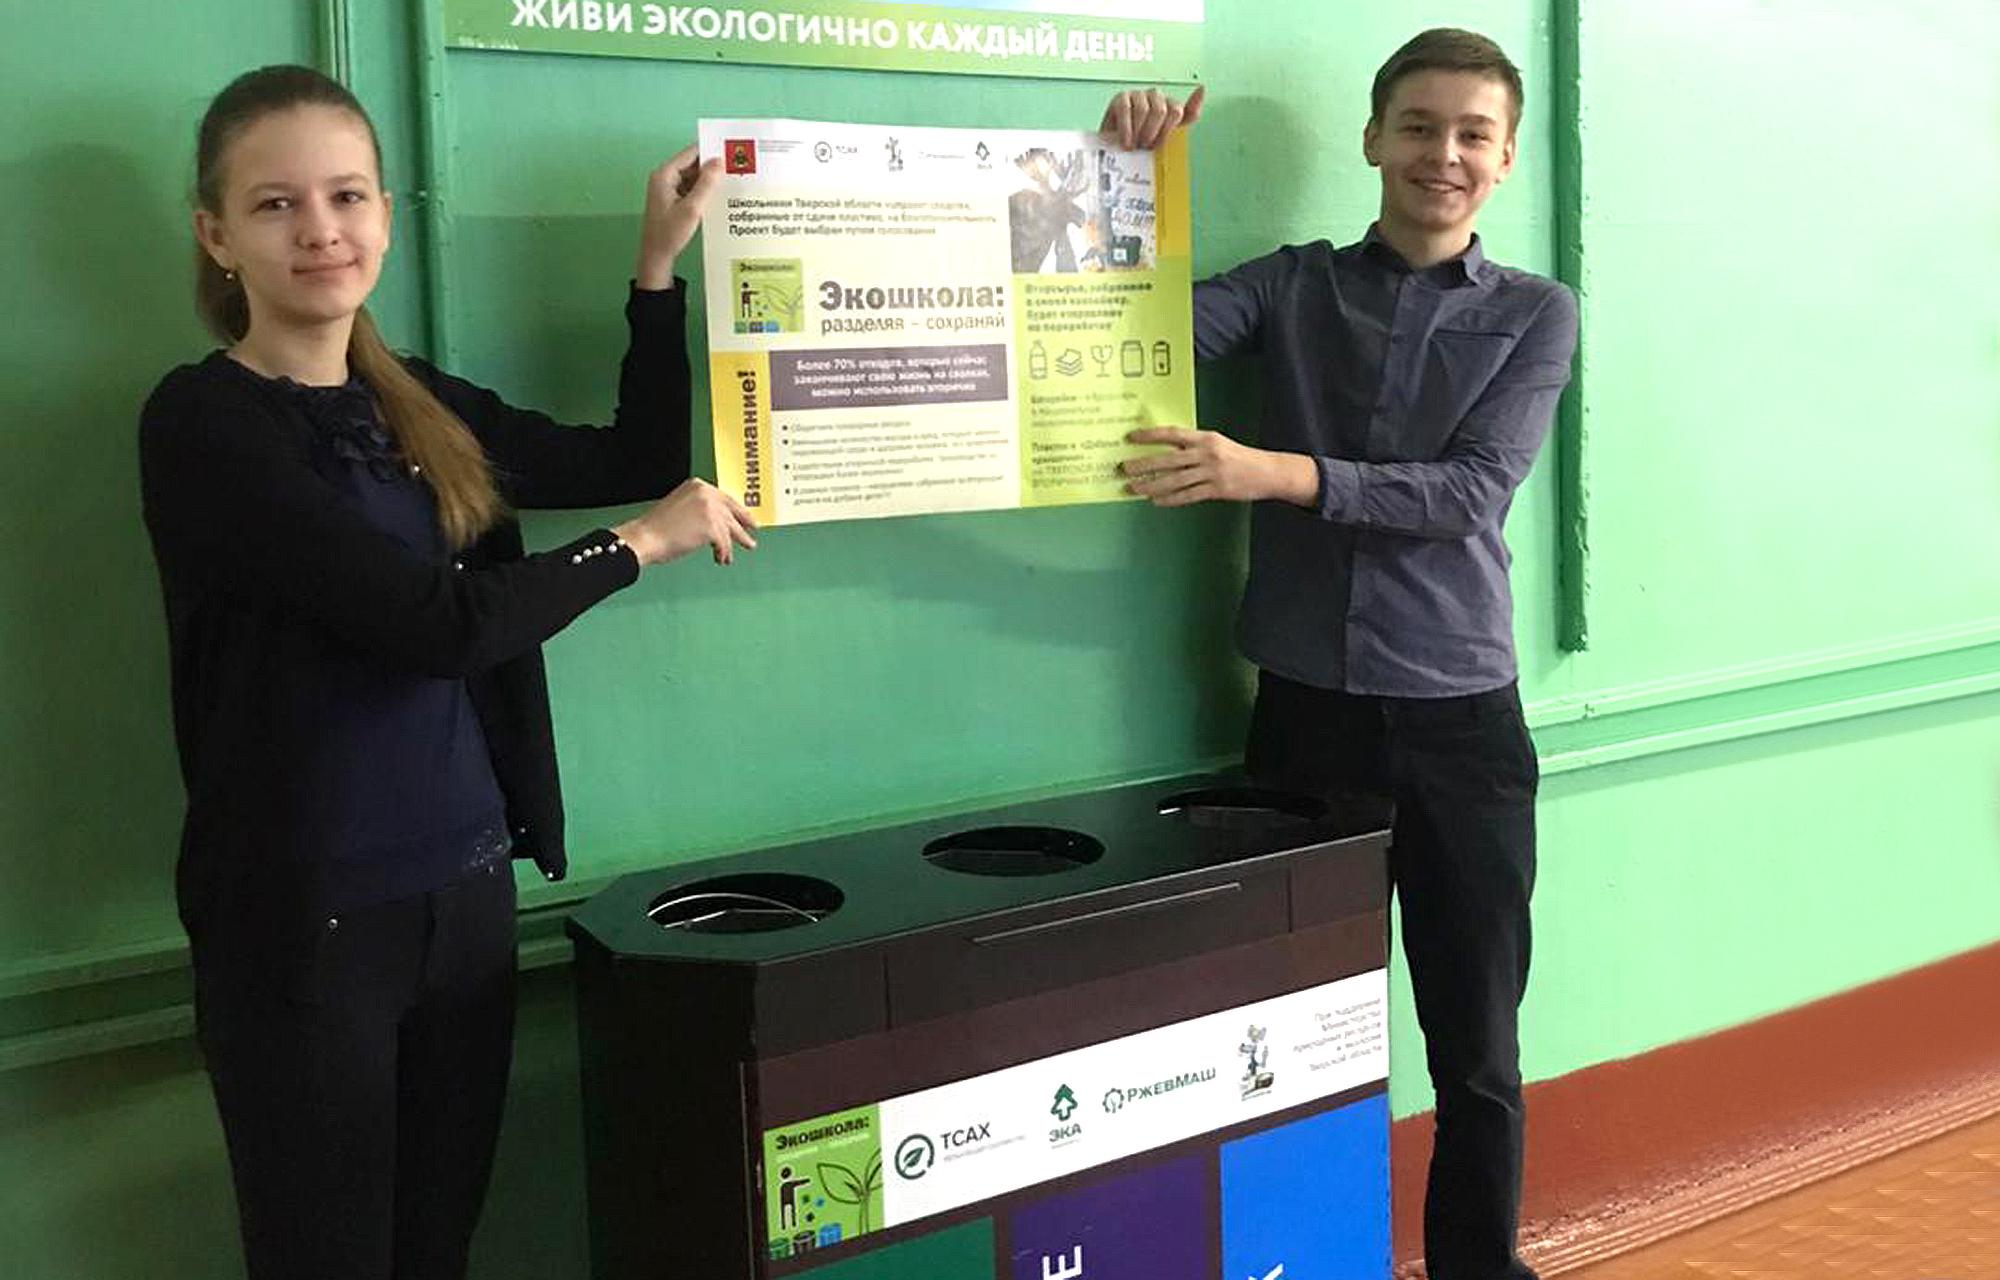 В школах Твери стартовал пилотный проект «Экошкола: разделяя – сохраняй»